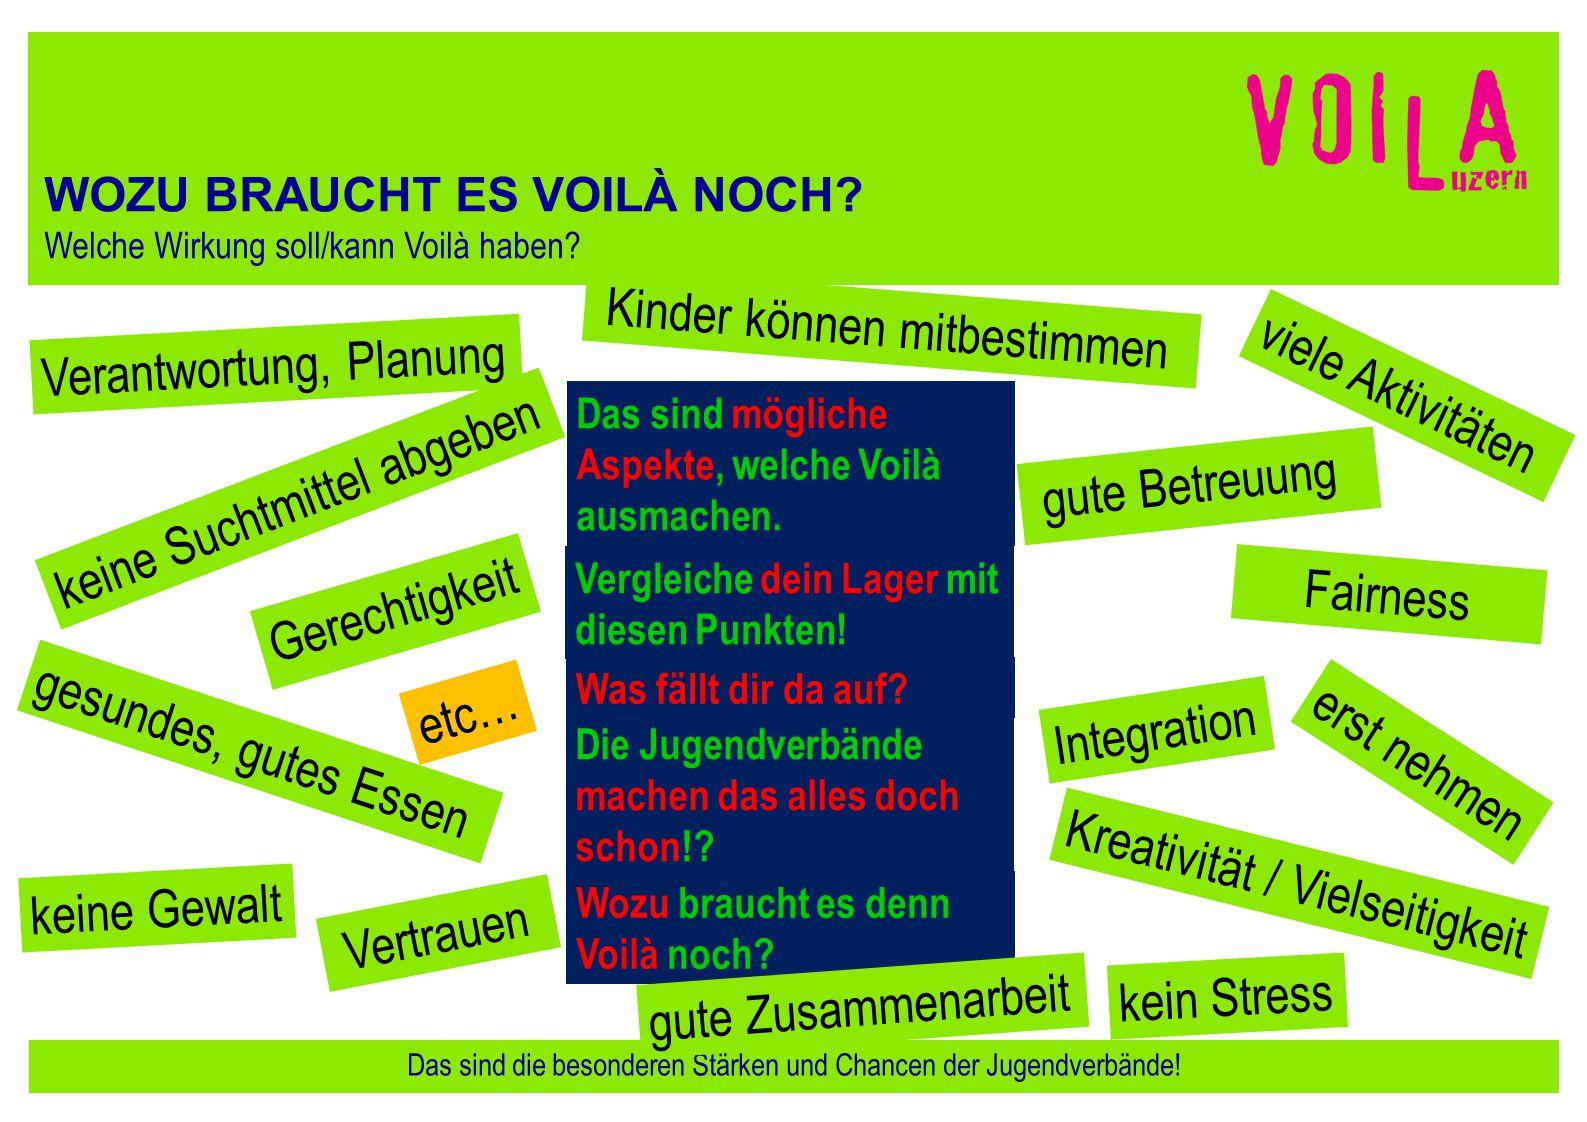 WOZU BRAUCHT ES VOILÀ NOCH? Welche Wirkung soll/kann Voilà haben? Das sind die besonderen Stärken und Chancen der Jugendverbände! Das sind mögliche As